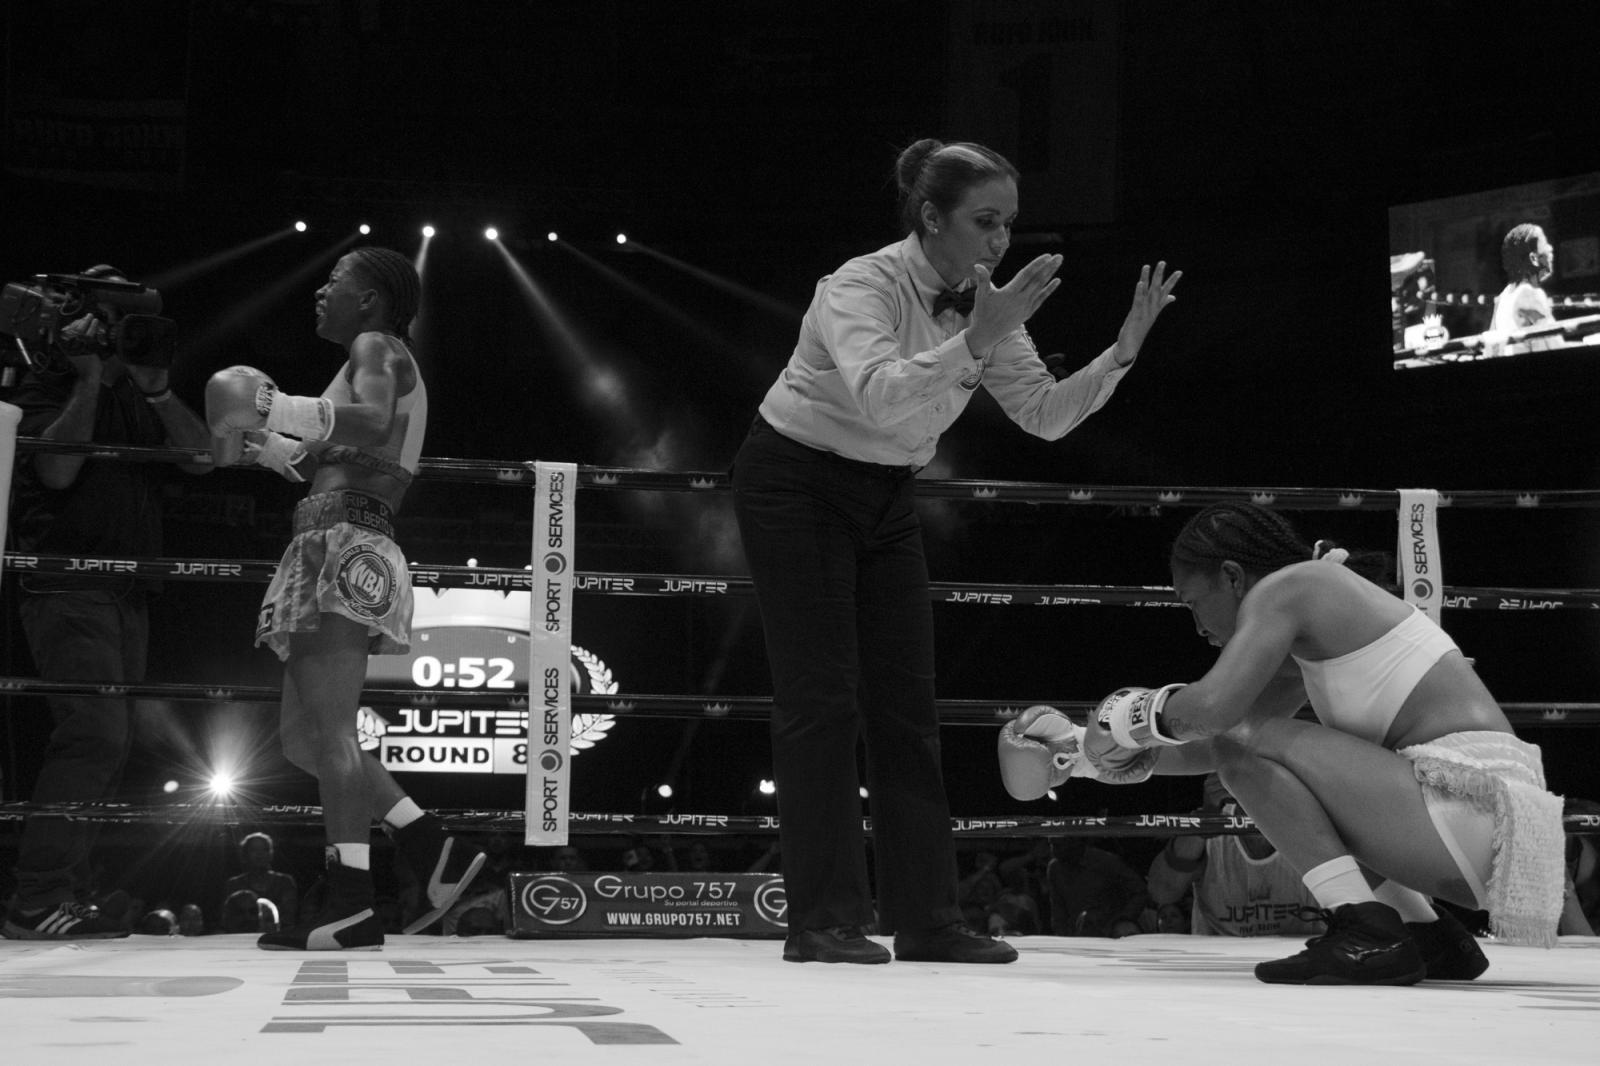 Débora Renjifo (I) se emocionó al mandar a la lona a su contrincante, Eva Guzmán, durante La Batalla de campeonas.18.06.2016, Maiquetía, Venezuela.